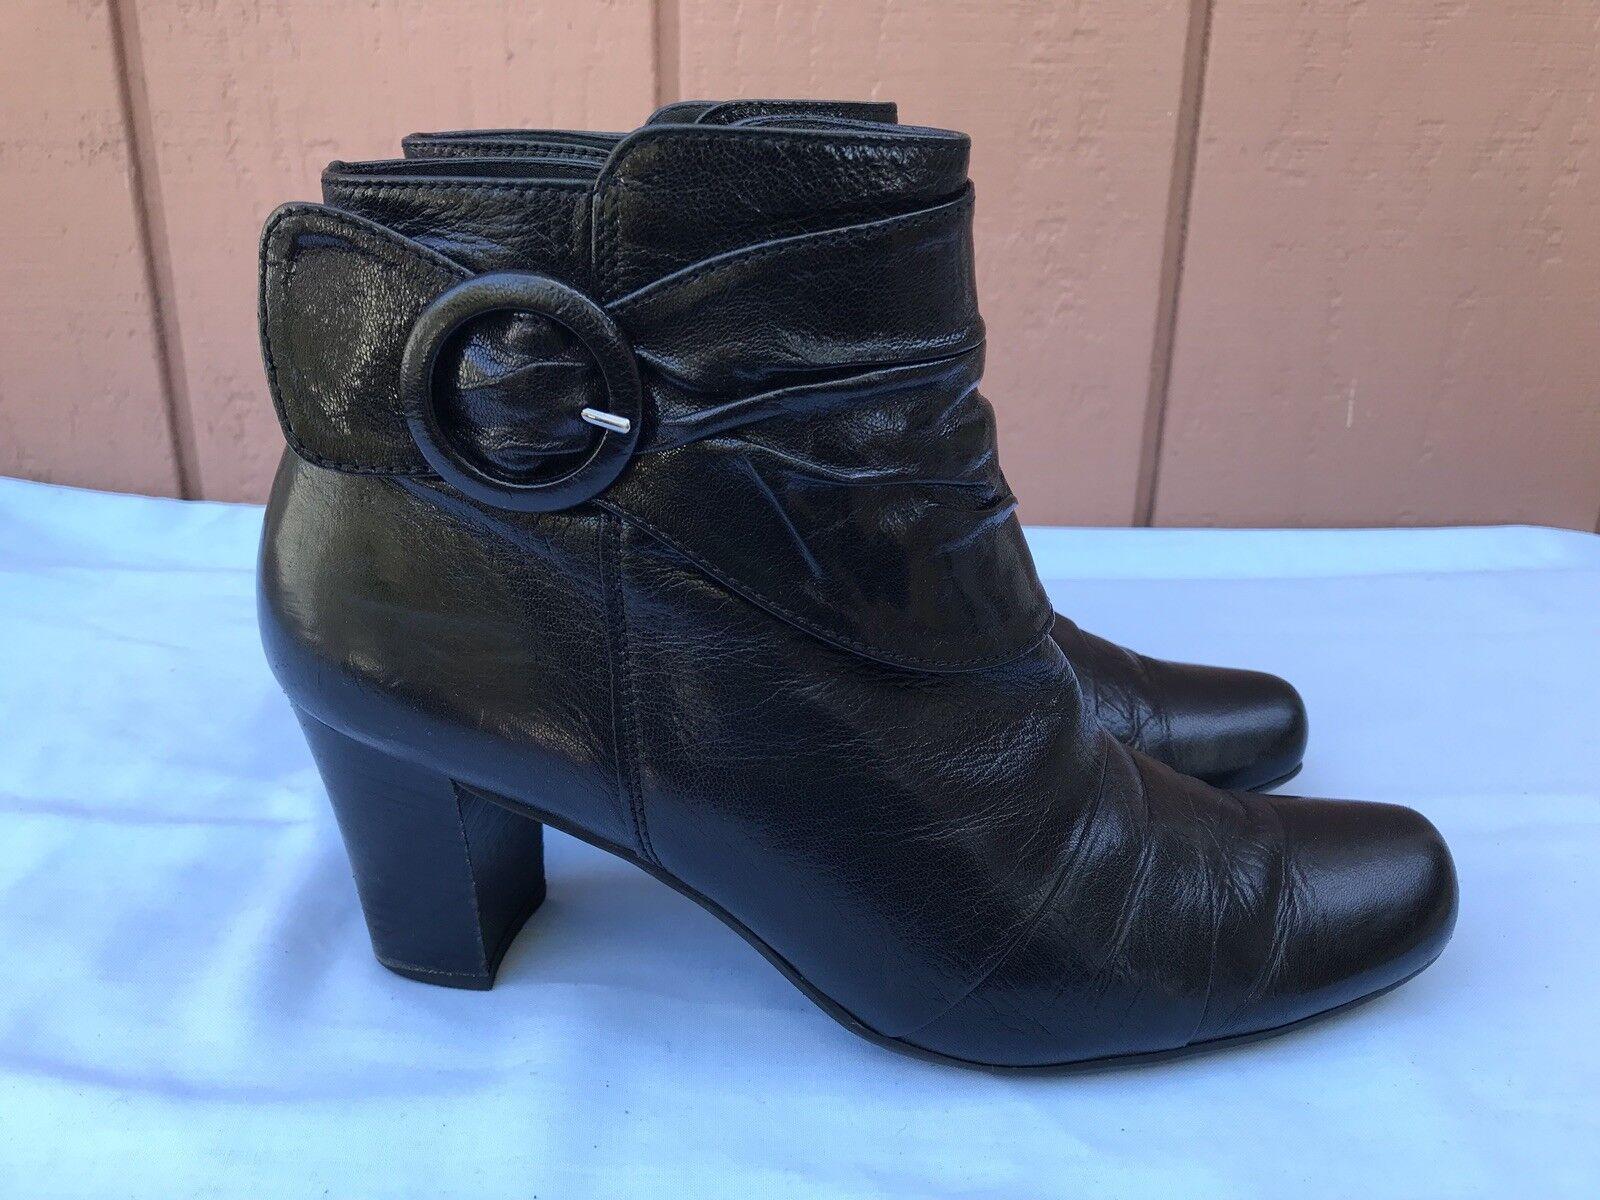 Excelente condición usada  Paul verde 5.5 botas al Tobillo US 8 Negro Cuero Cremallera Hebilla Botín A9